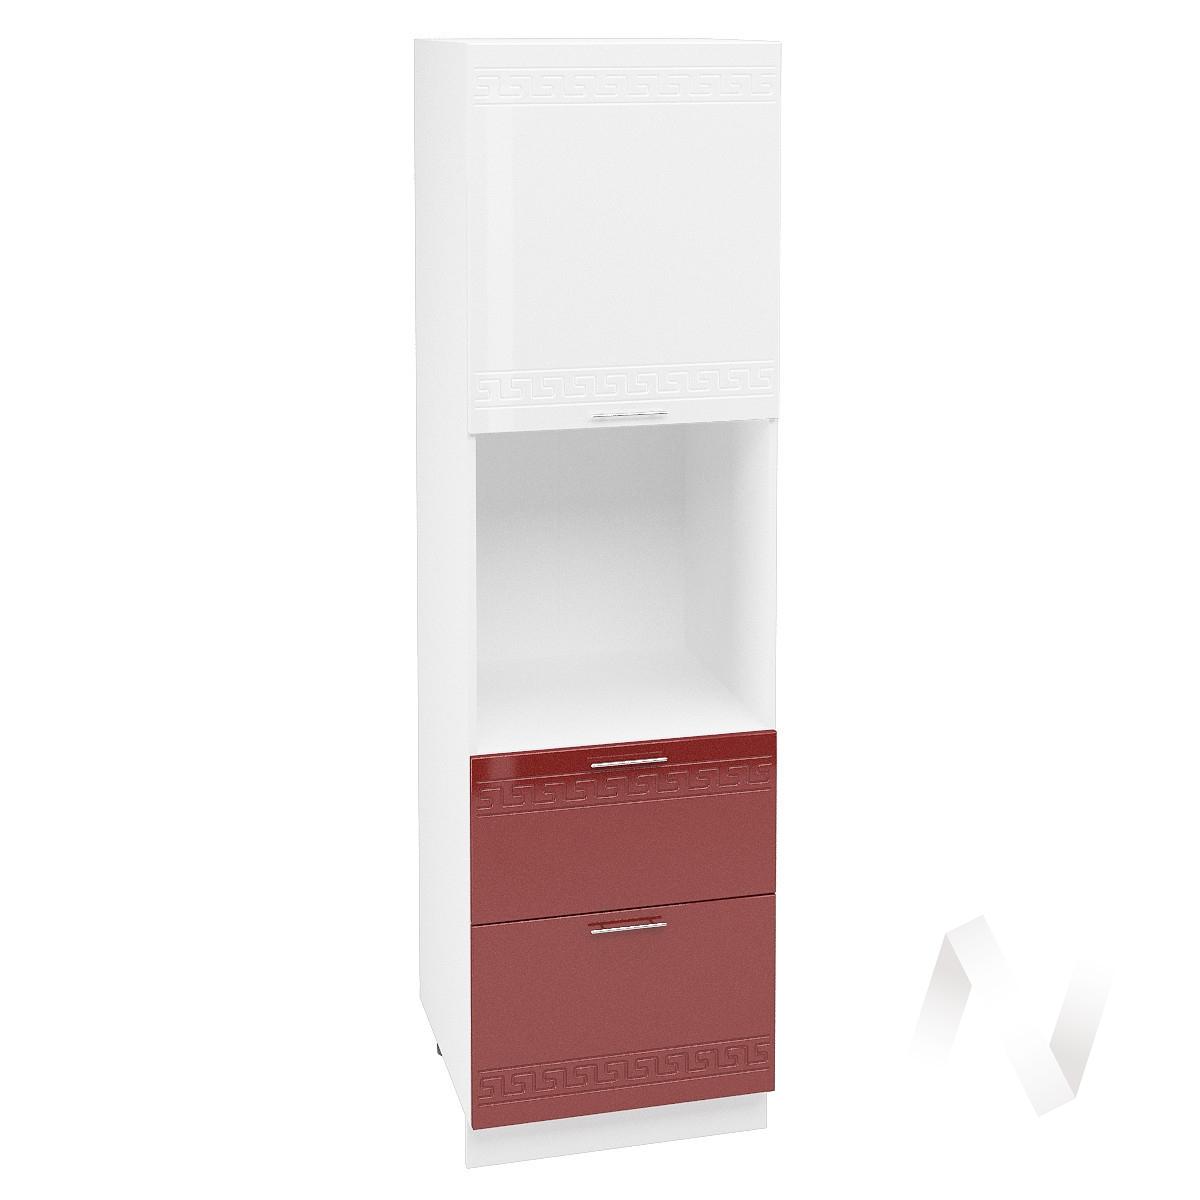 """Кухня """"Греция"""": Шкаф пенал с 2-мя ящиками 600, ШП2Я 600 (белый/гранатовый металлик/корпус белый)"""